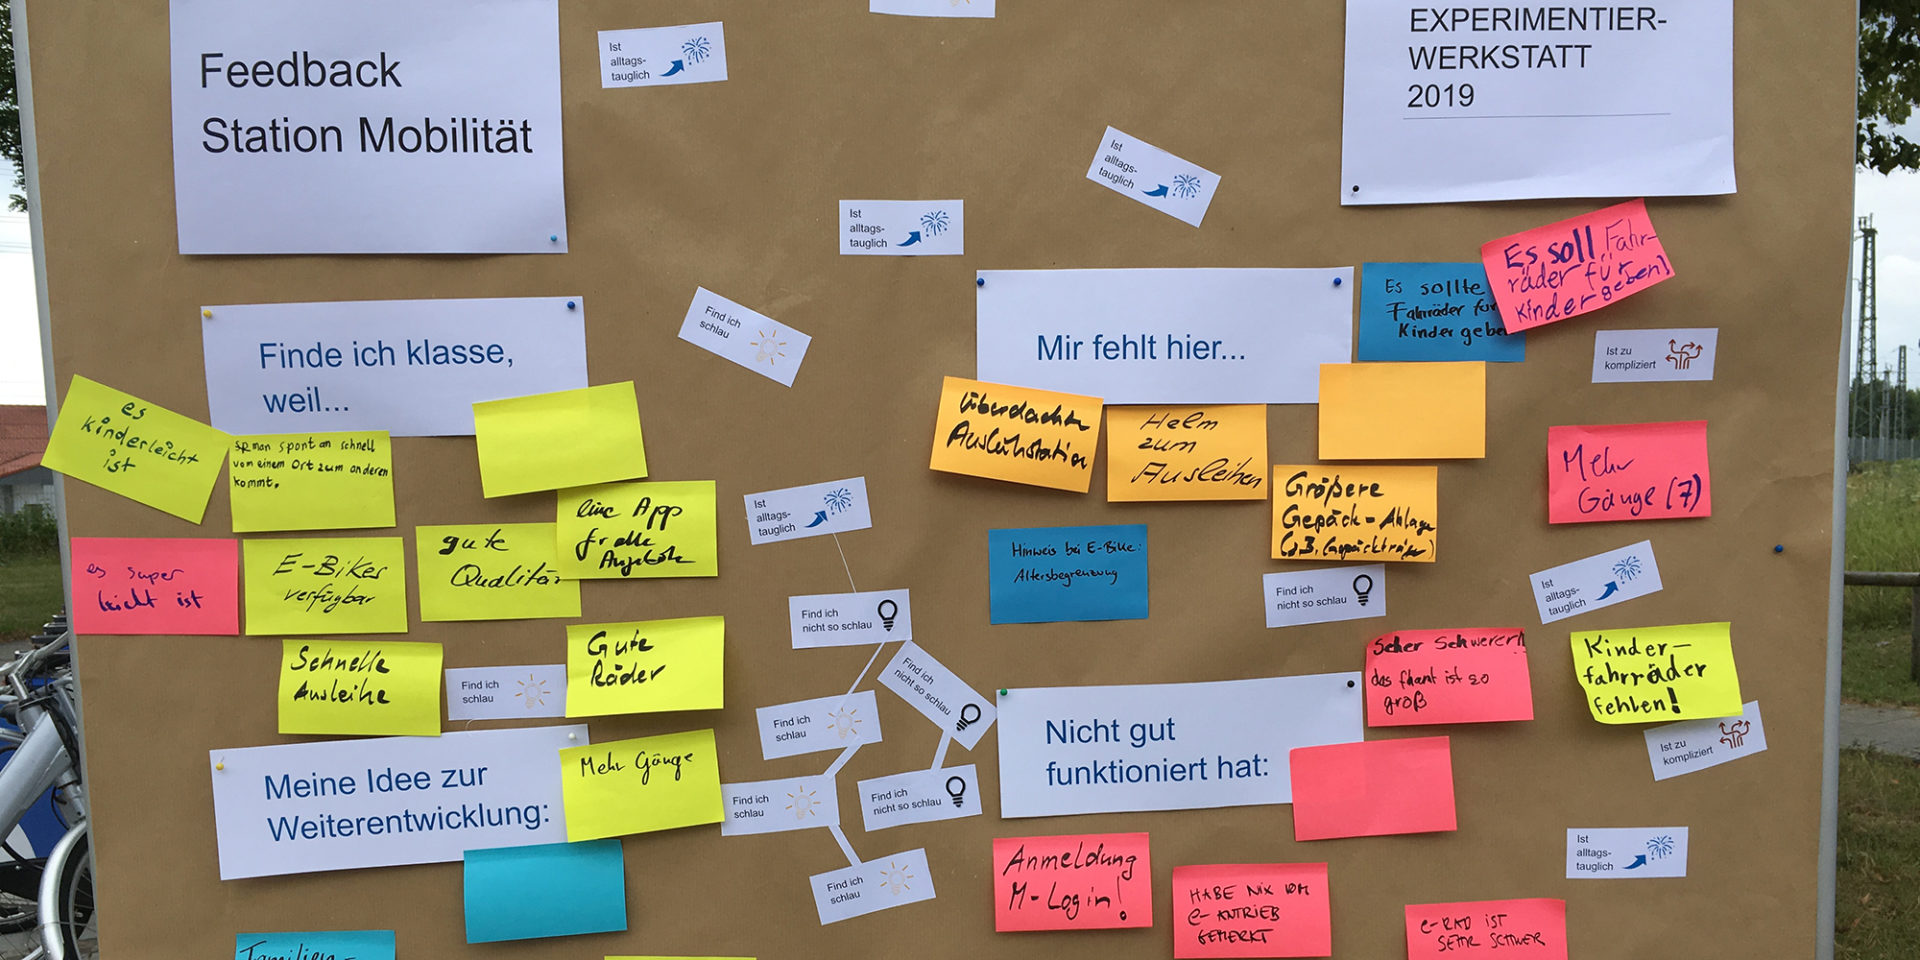 An einer Pinnwand hängen Karten mit Feedback zur Experimentierwerkstatt 2019